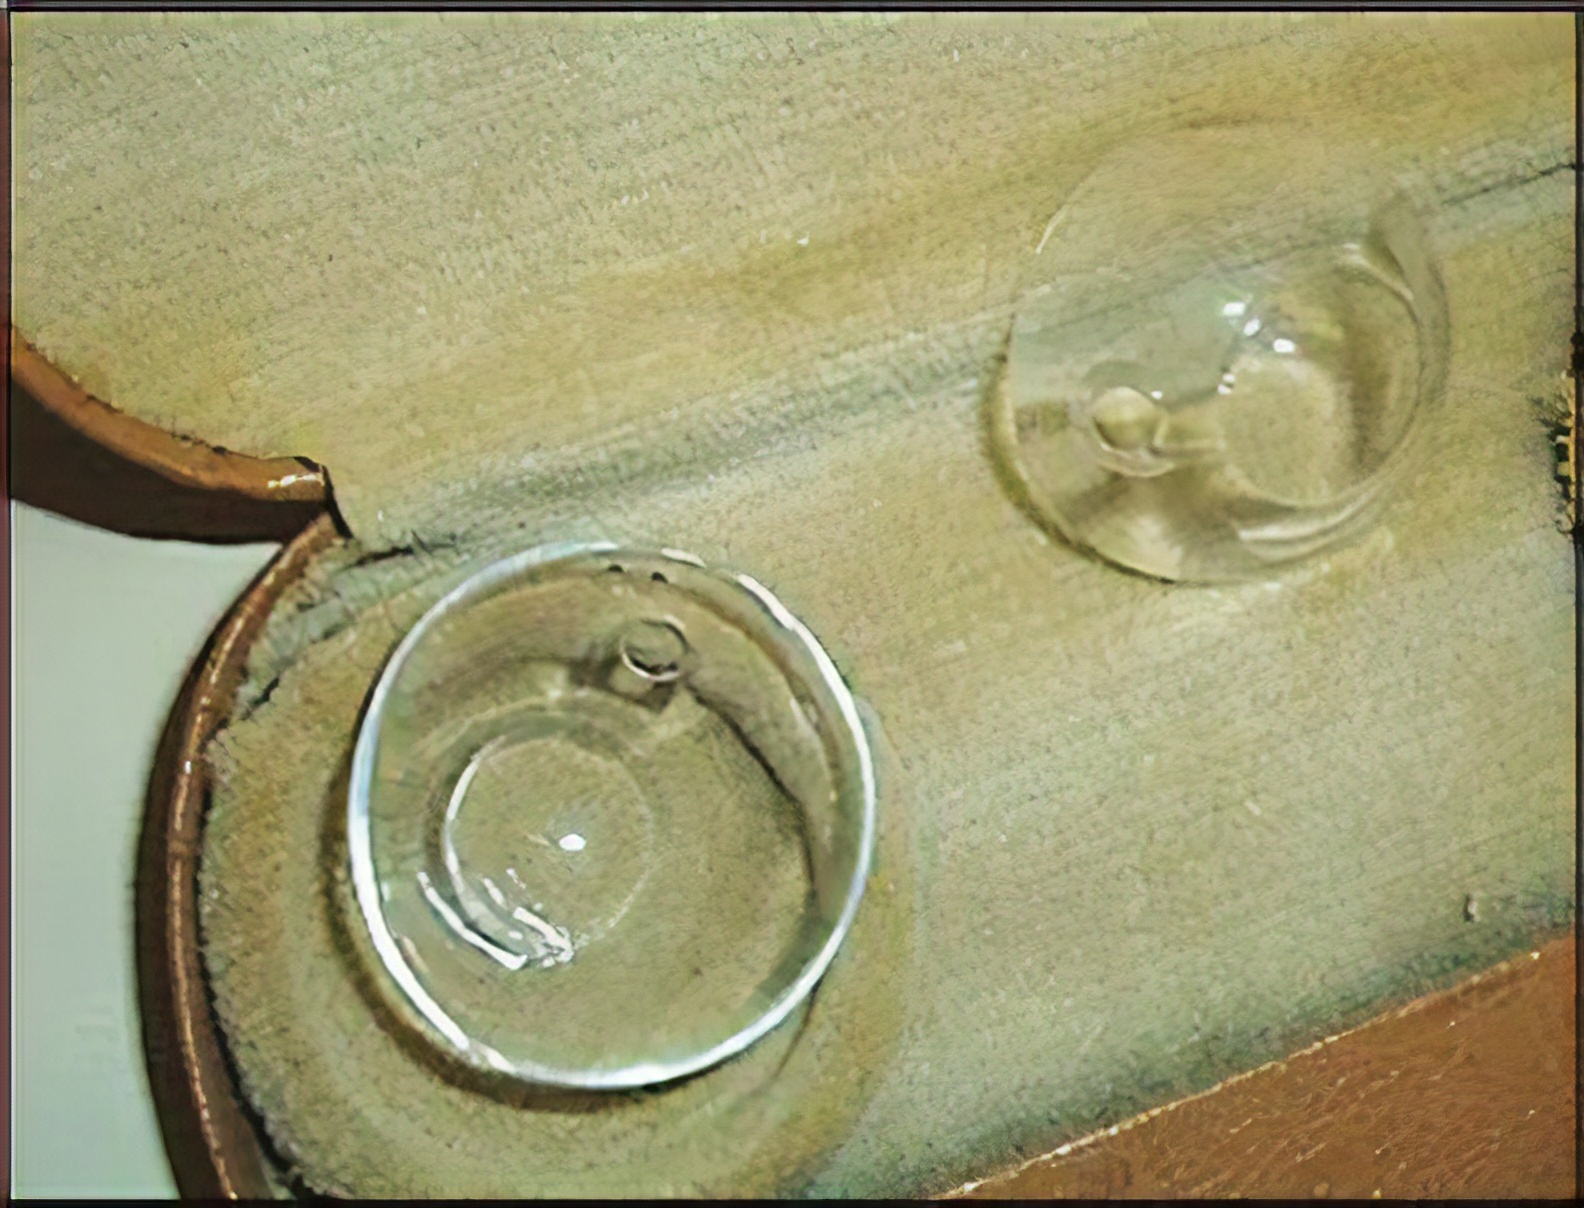 Scleral contact lenses circa 1950